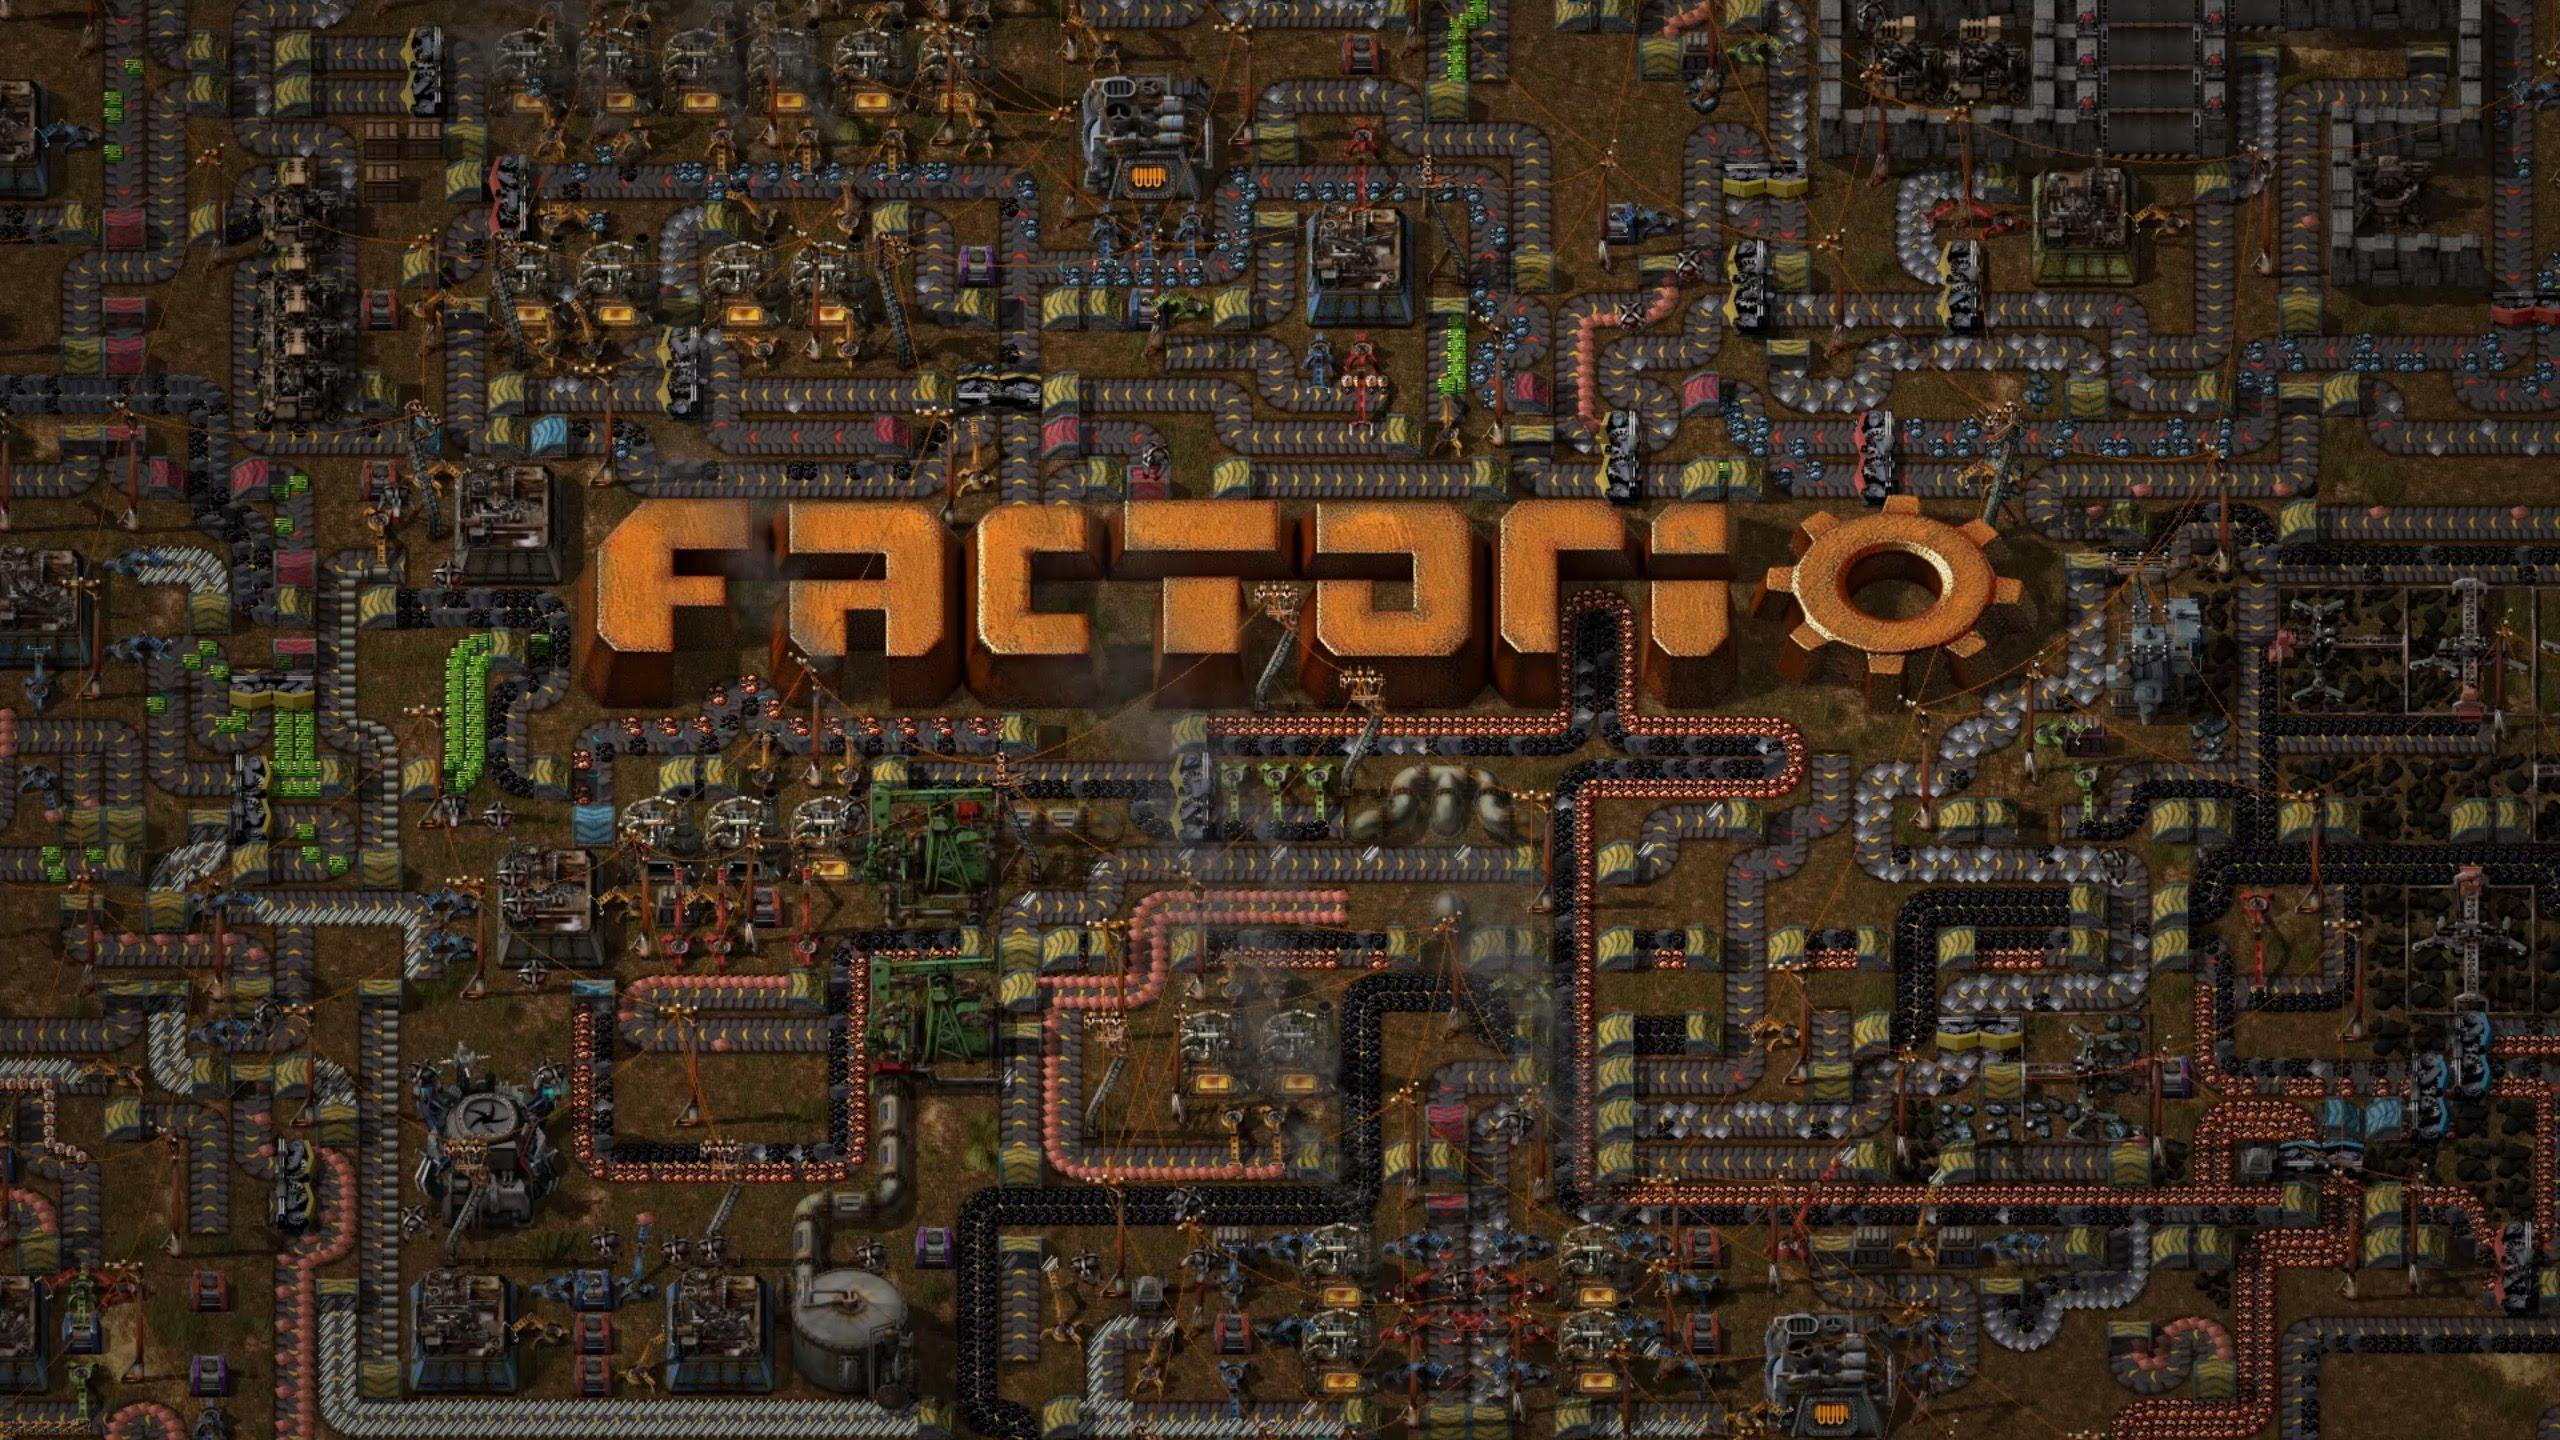 Factorio telecharger gratuit de PC et Torrent